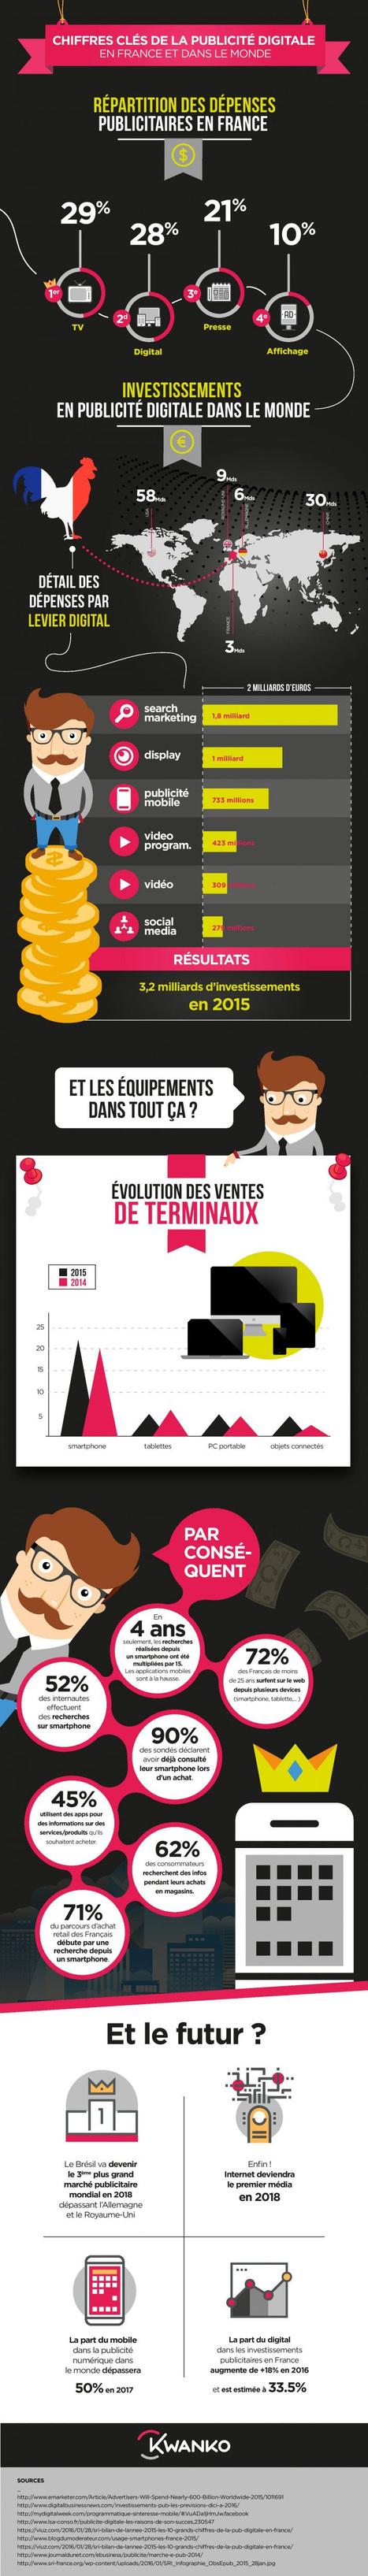 Chiffres clés de la publicité digitale en France & dans le monde   Les infographies !   Scoop.it